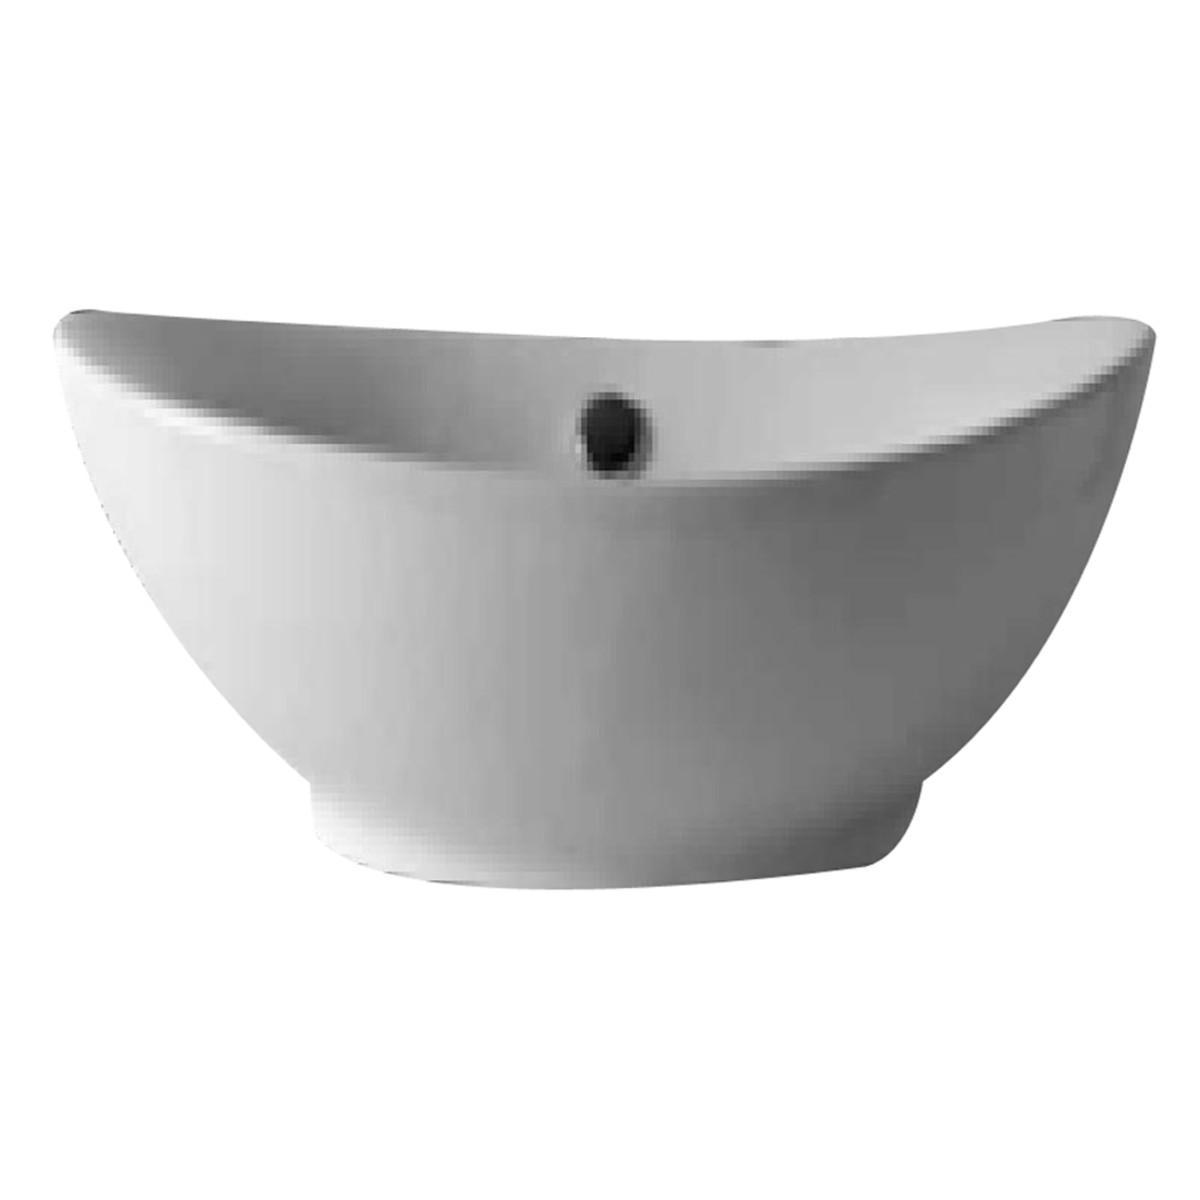 Lavabo da appoggio Ovale bianco